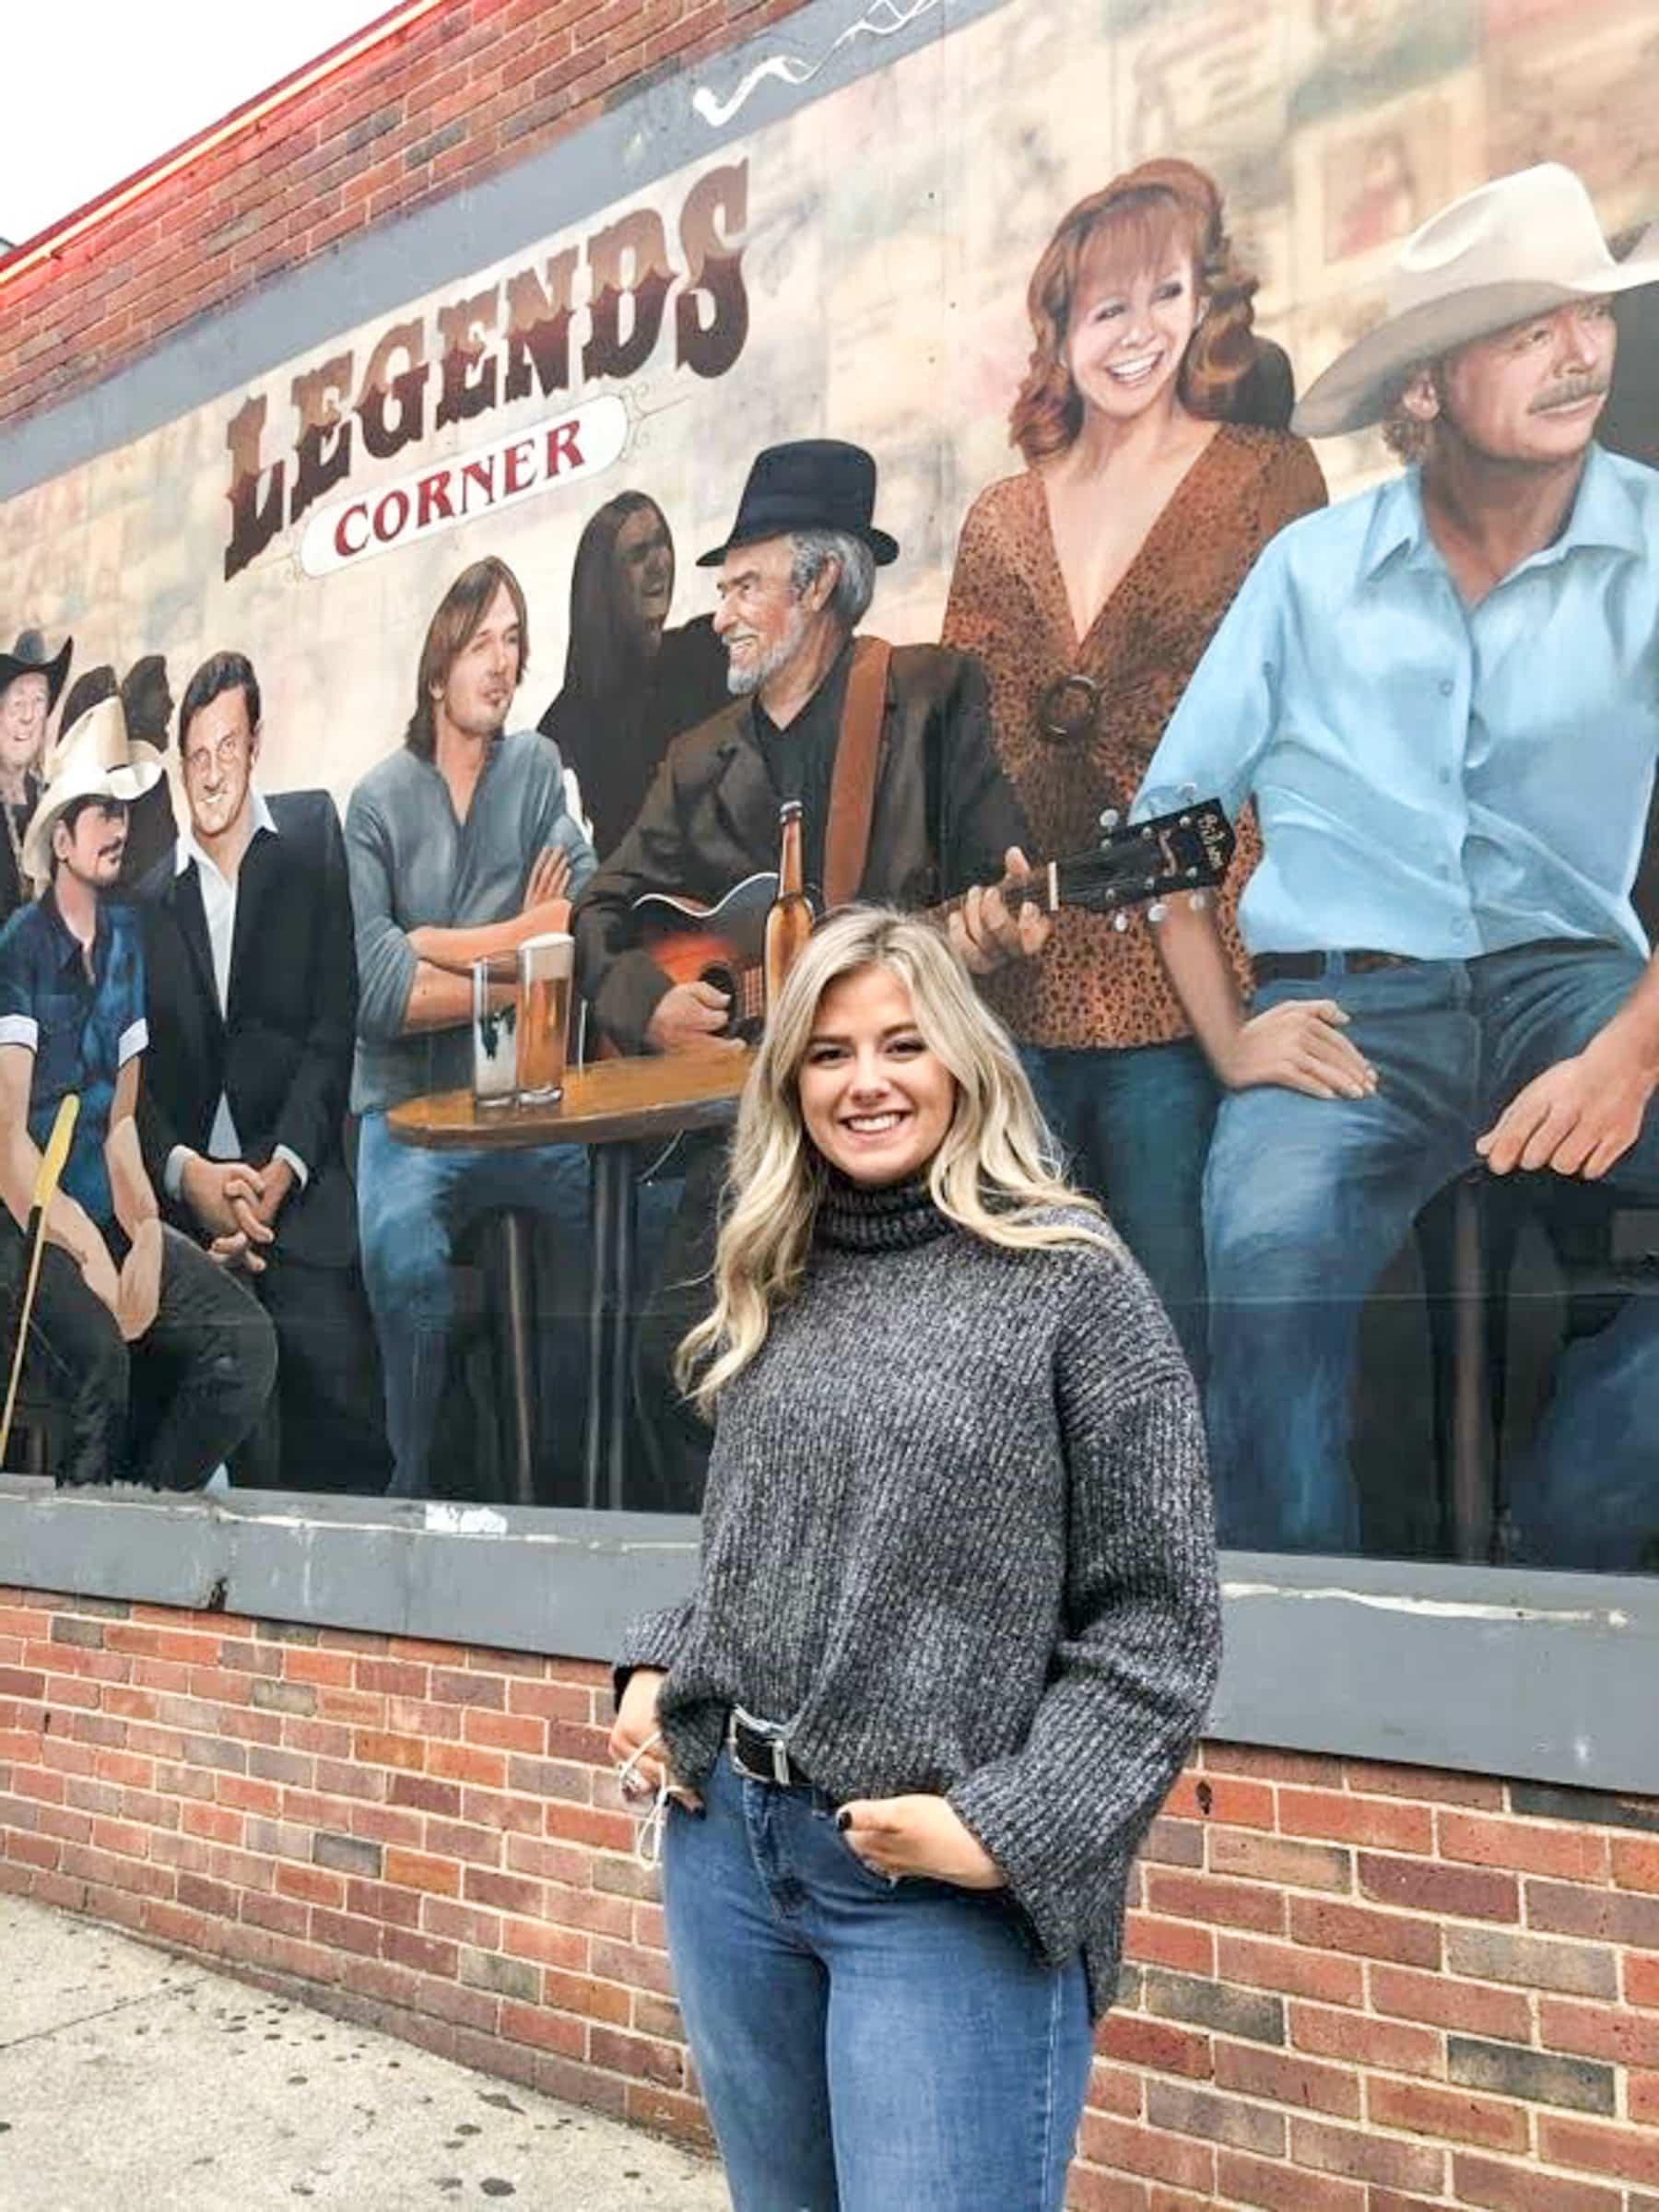 Legends Corner Mural Nashville